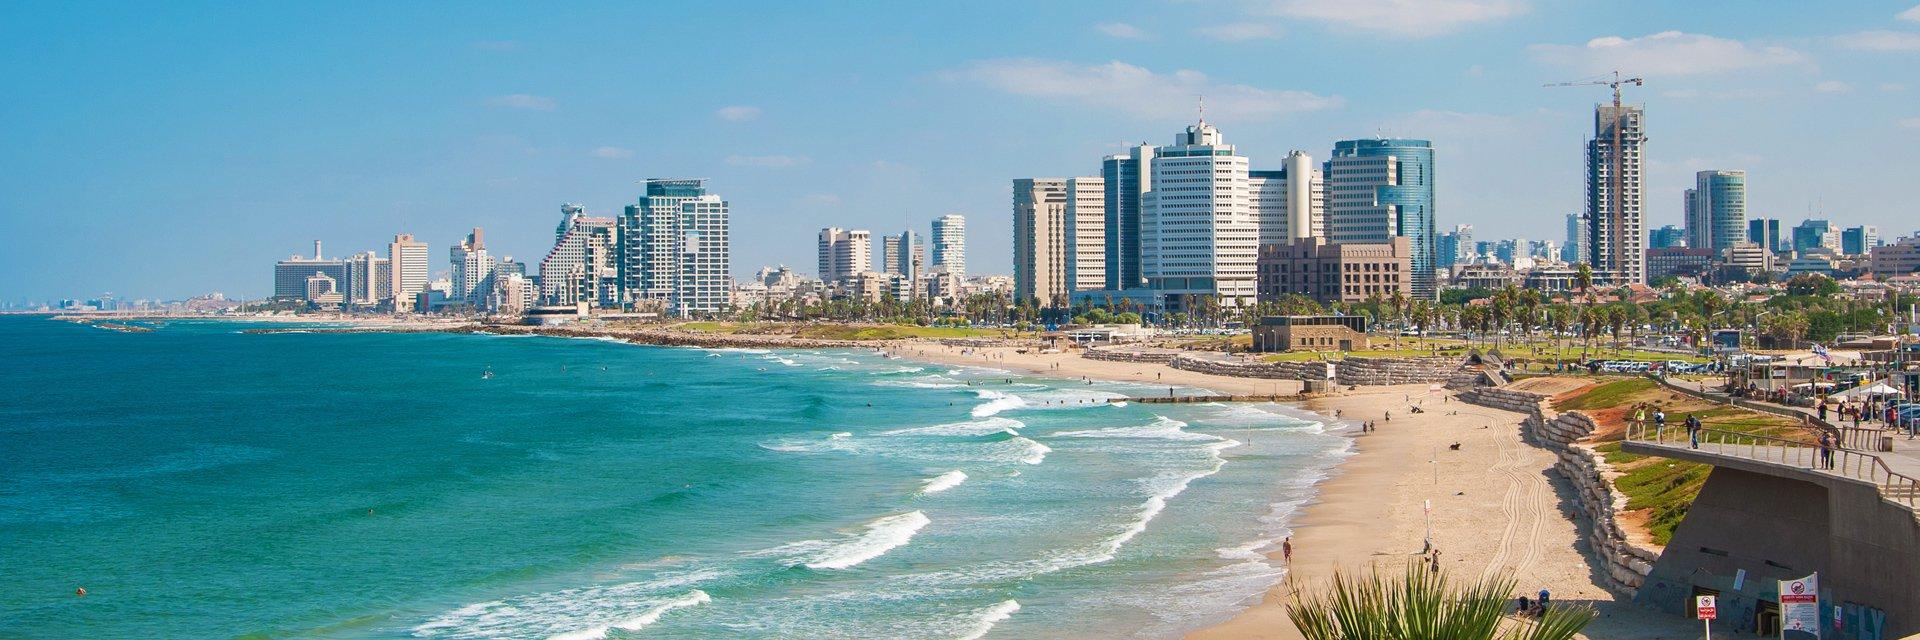 Туры в Израиль 2020, путевки из Москвы - цены на отдых в Израиле - ПАКС